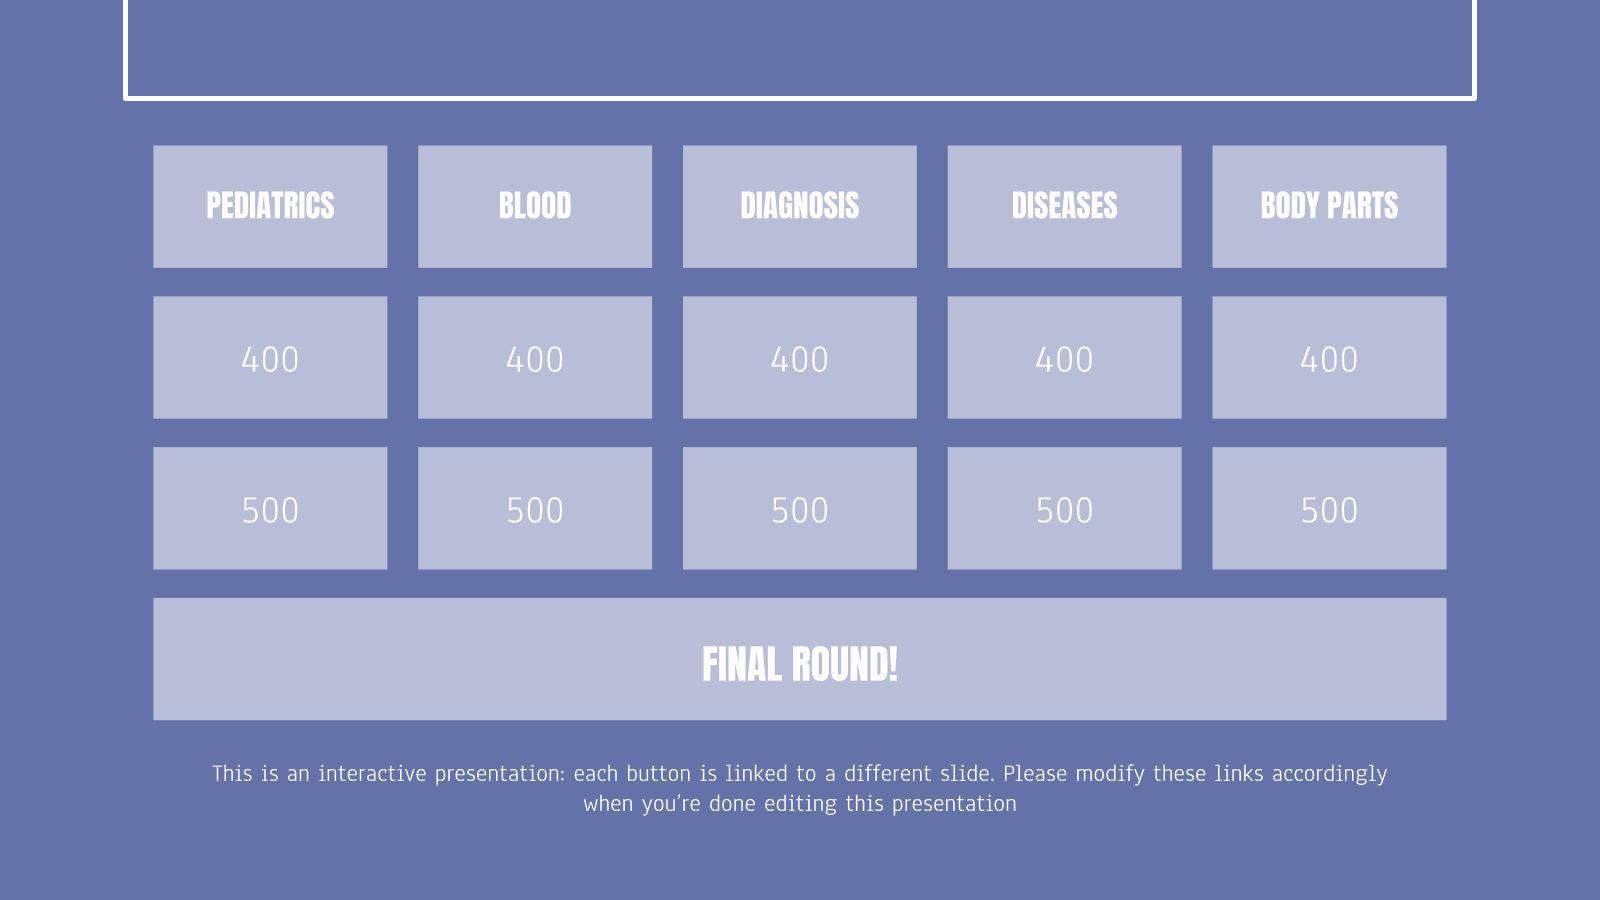 006 Outstanding Jeopardy Template Google Slide Highest Clarity  Slides Board Blank BestFull